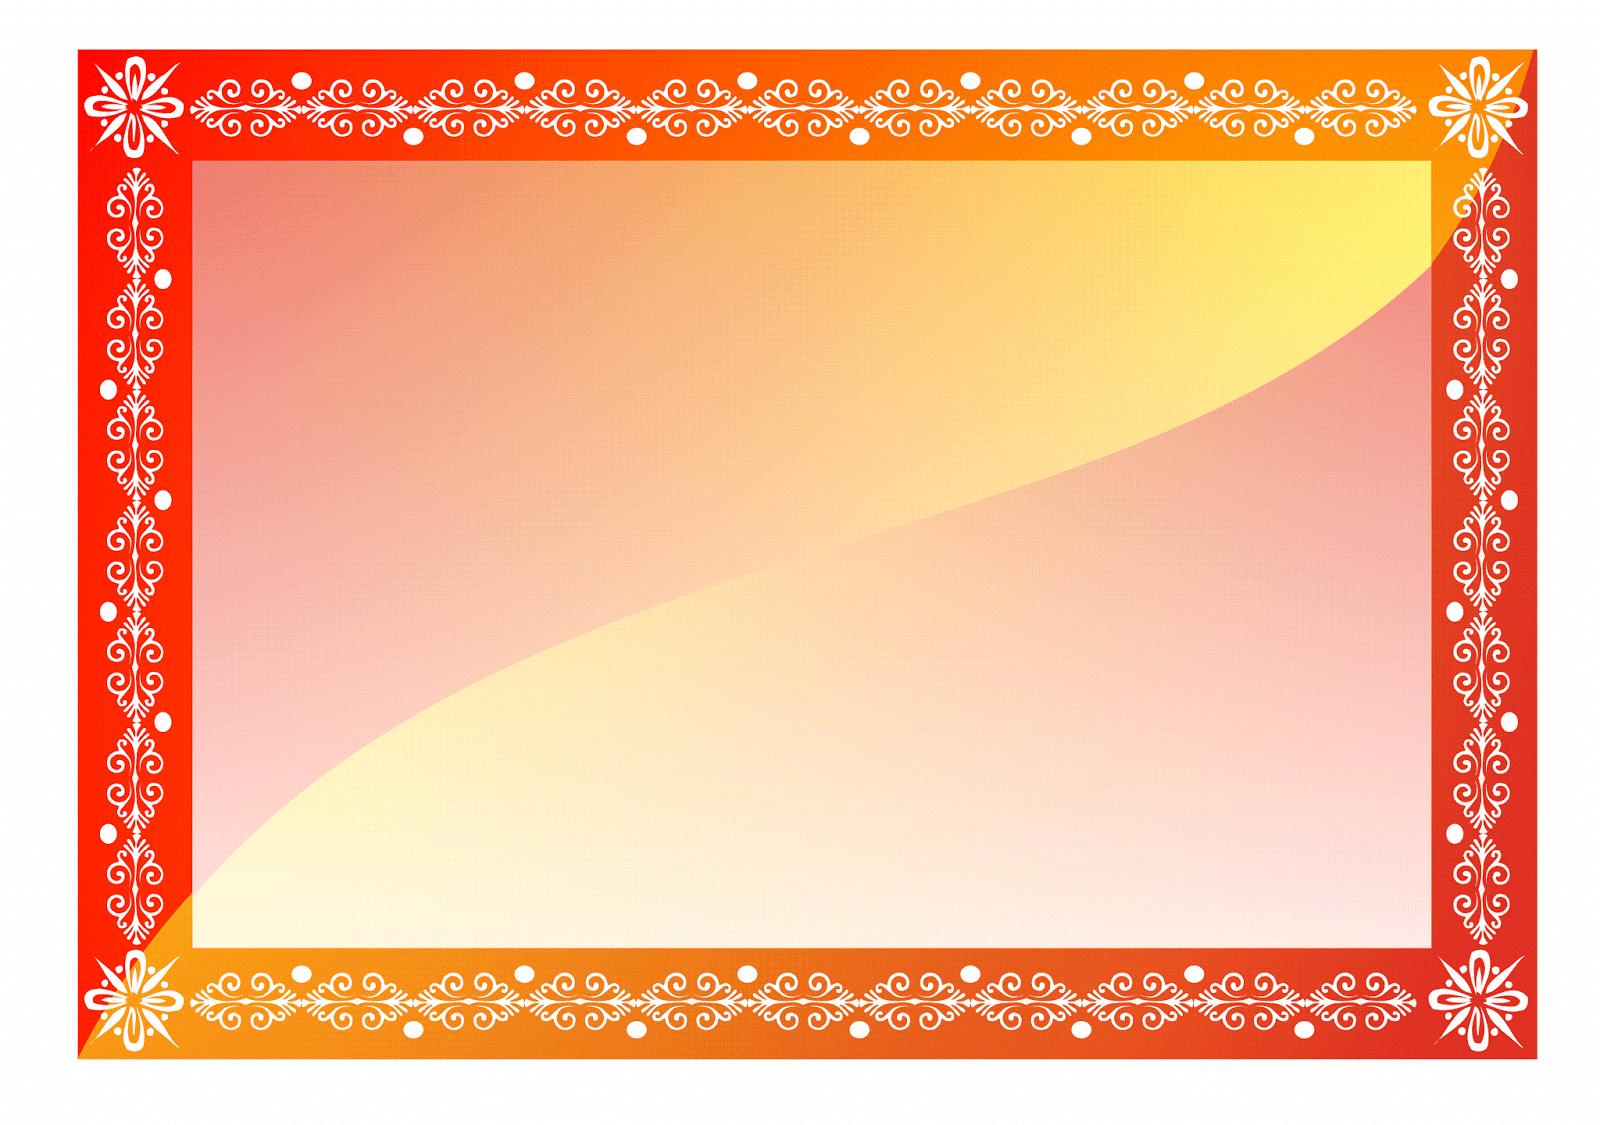 List of top bingkai kartu ucapan images -  2 Gambar Contoh Bingkai Sertifikat Kosong 1 Dominan Merah Dan Orange